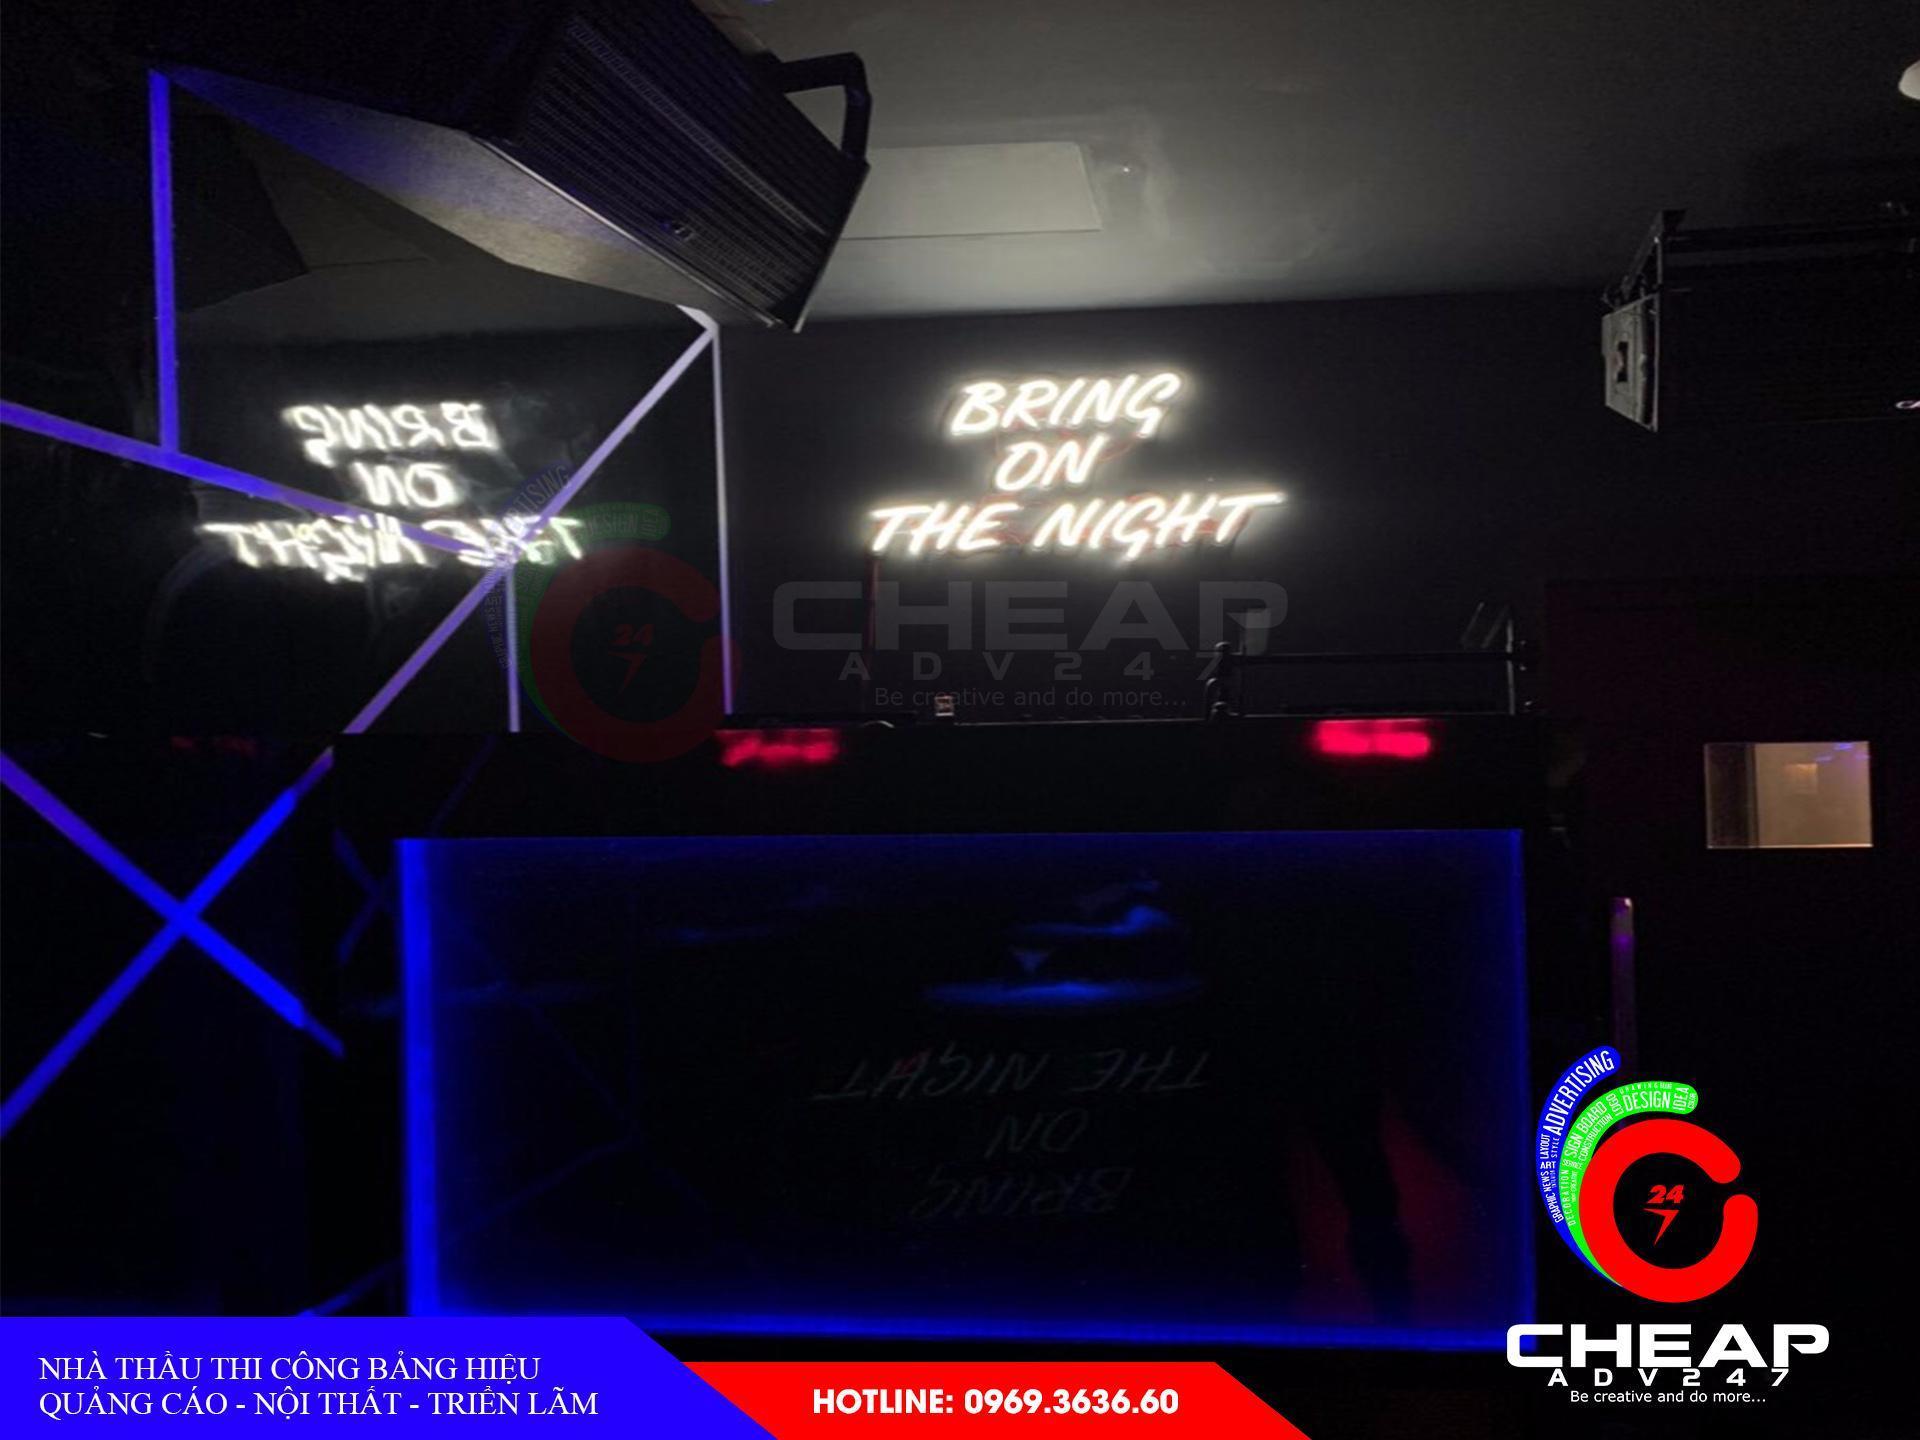 Những mẫu đèn neon sign đẹp nhất năm 2019 do cheapadv247 tổng hợp